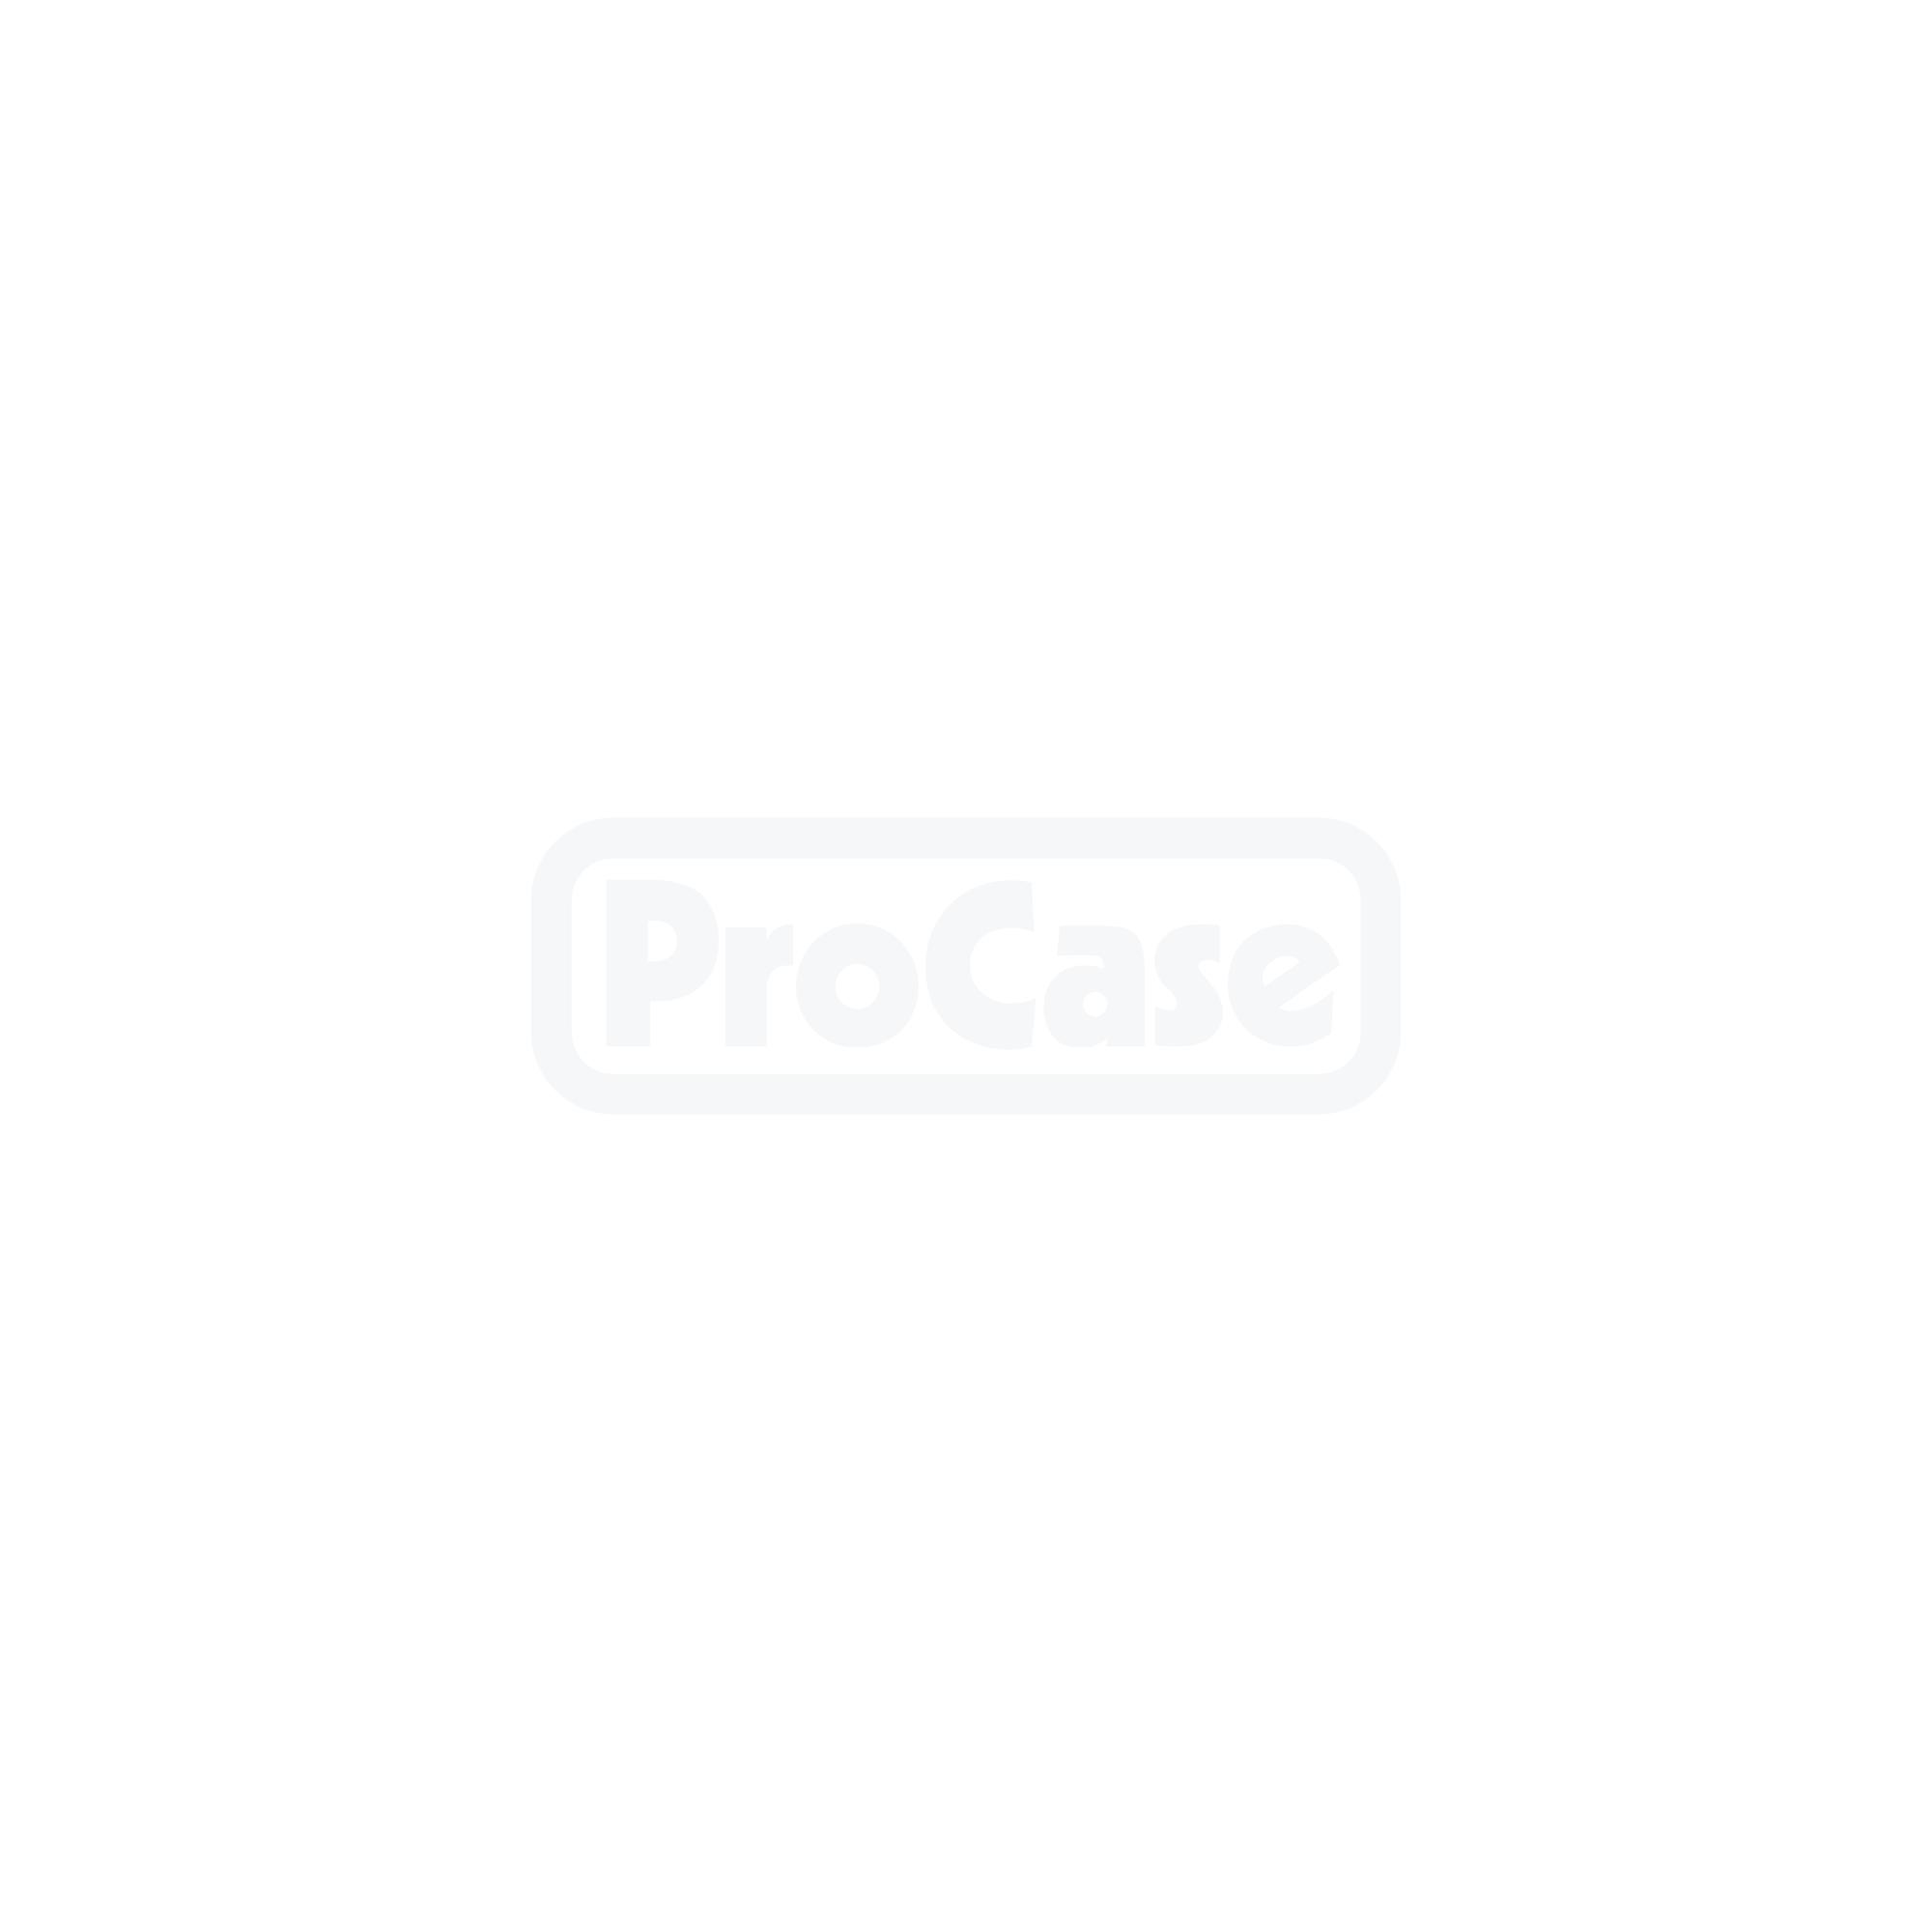 QSD-Rack 10HE 800 mm tief